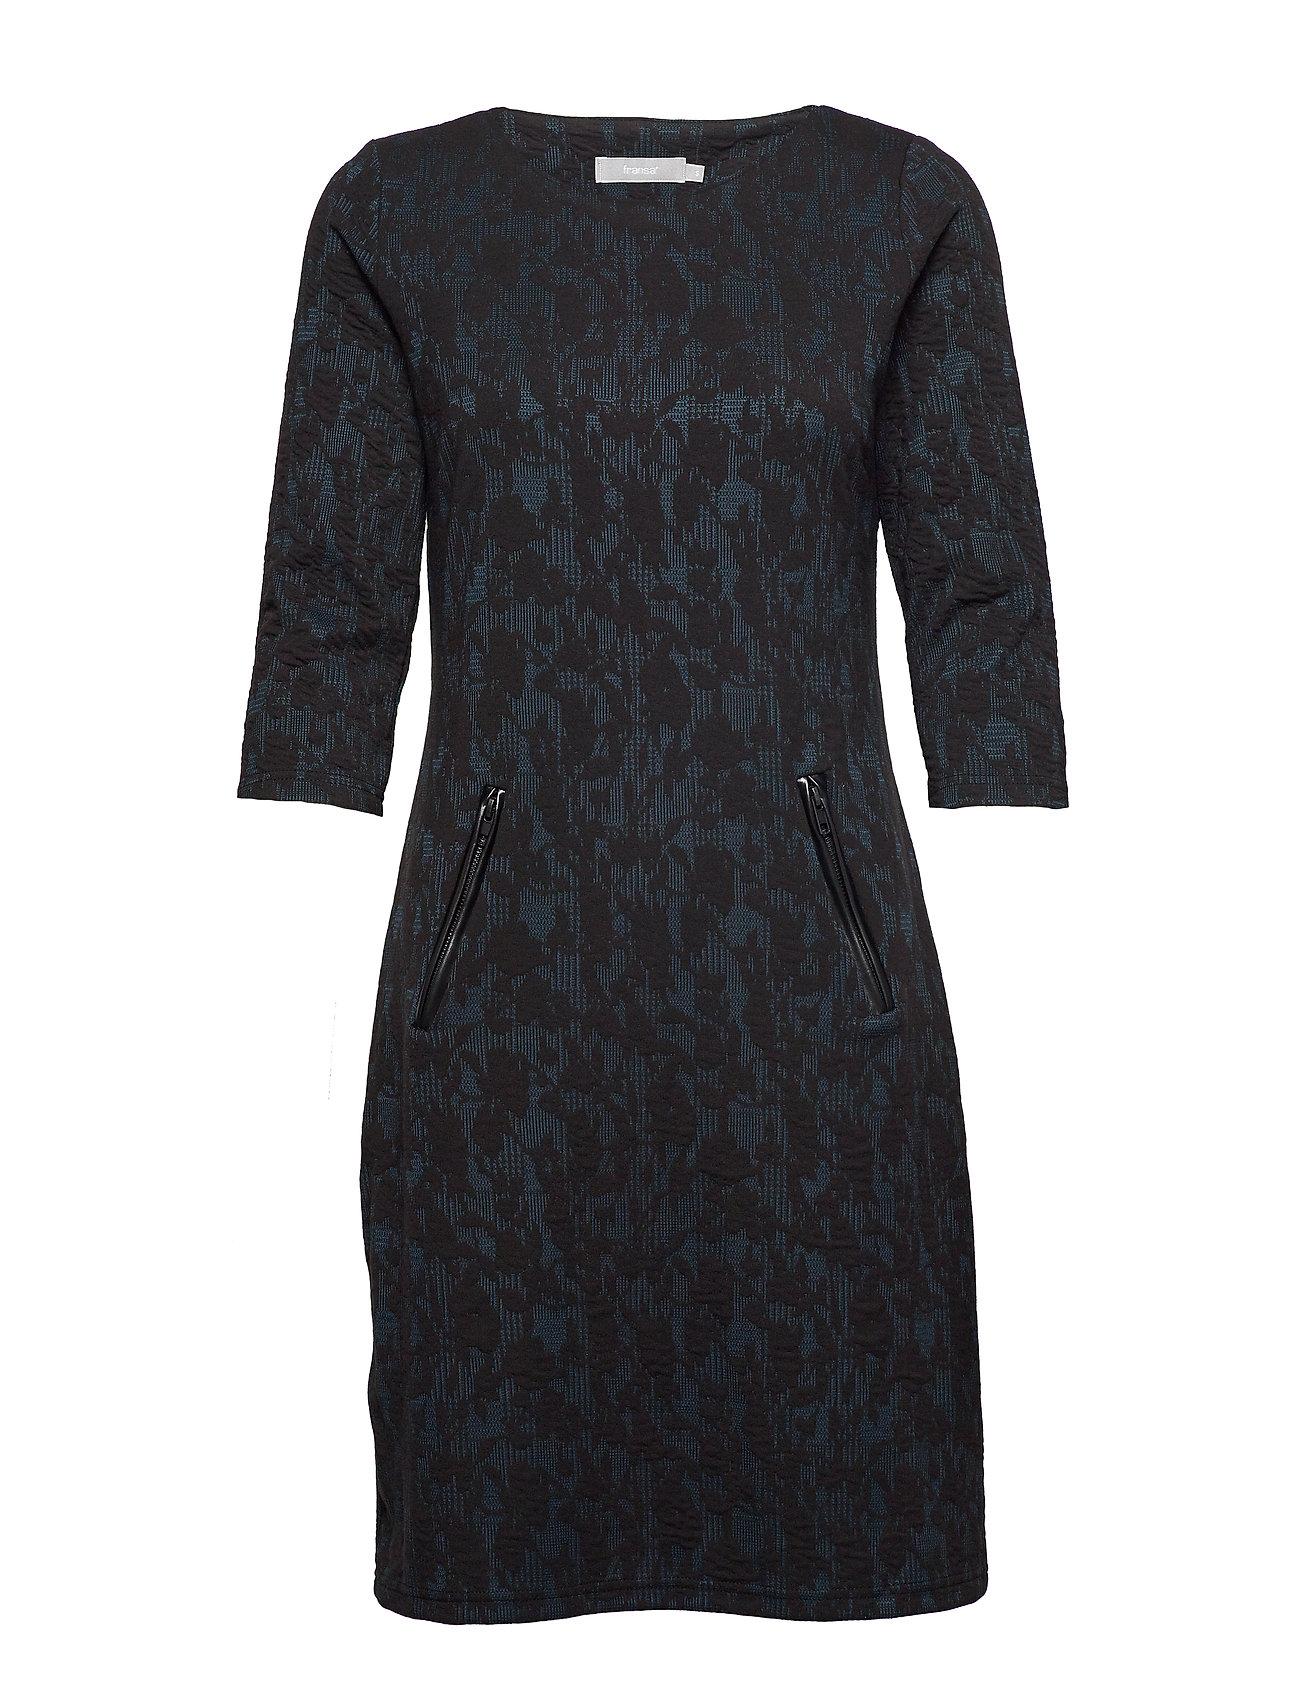 Fransa FRFIVAM 1 Dress - REFLECTING POND MIX